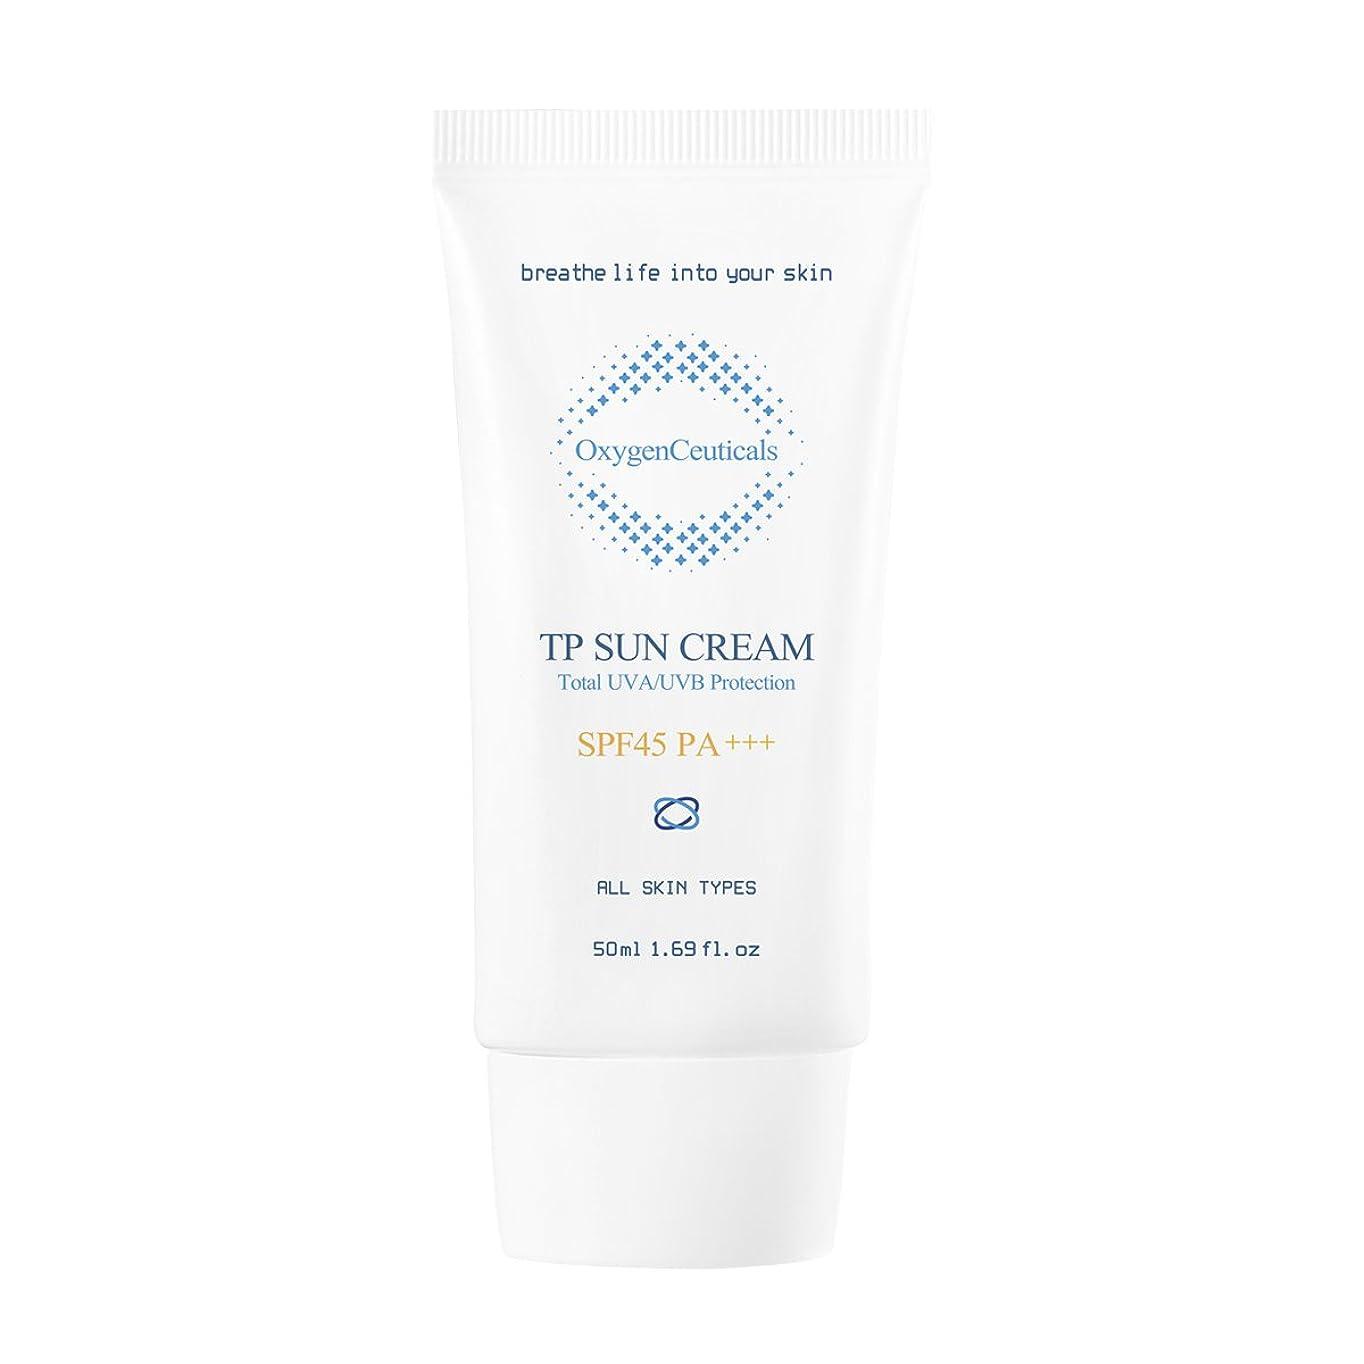 支払いキャビン騒々しいオキシジェンシューティカルズ 酸素サンクリーム(保湿日焼け止め) 50ml. TP Sun Cream 50ml. [SPF45 PA+++] X Mask Pack 1p.